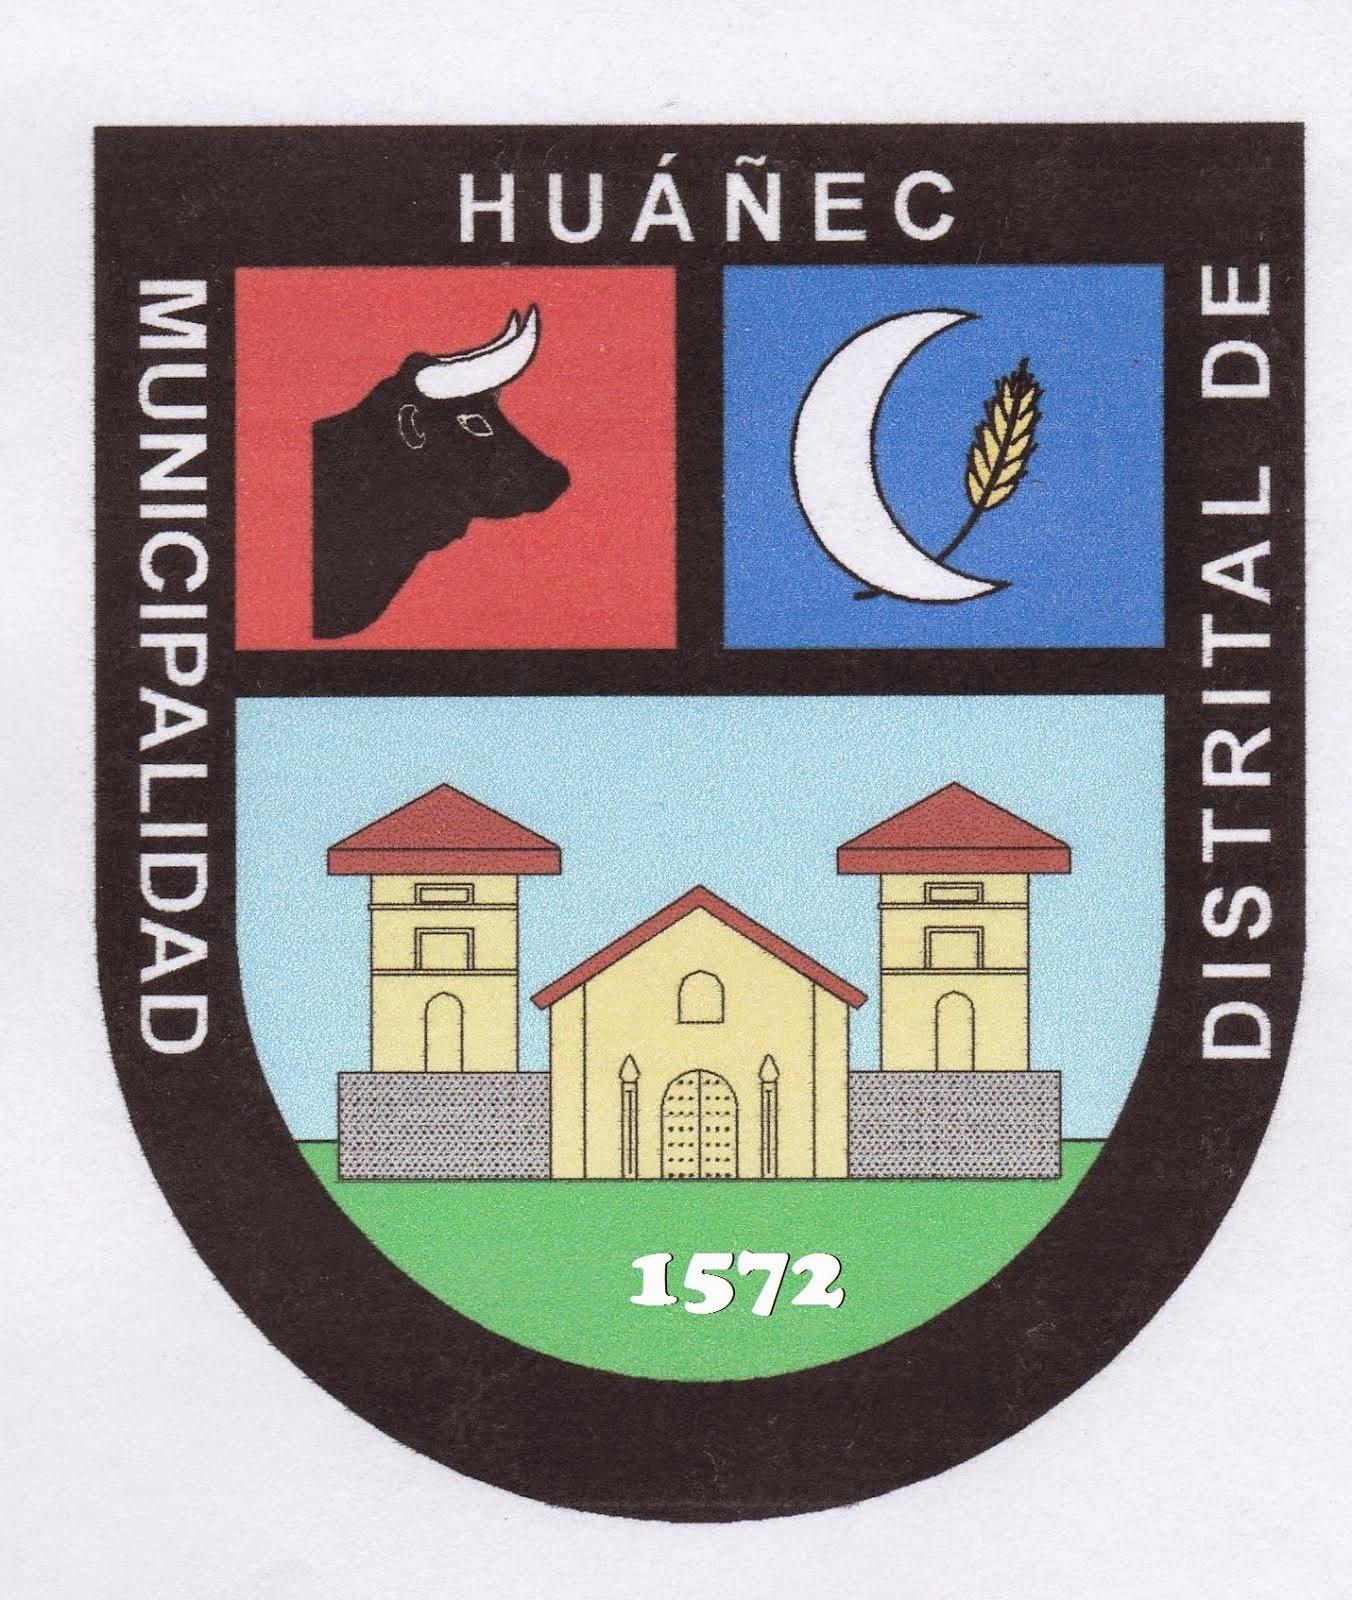 ESCUDO  DE LA CIUDAD DE HUAÑEC - YAUYOS